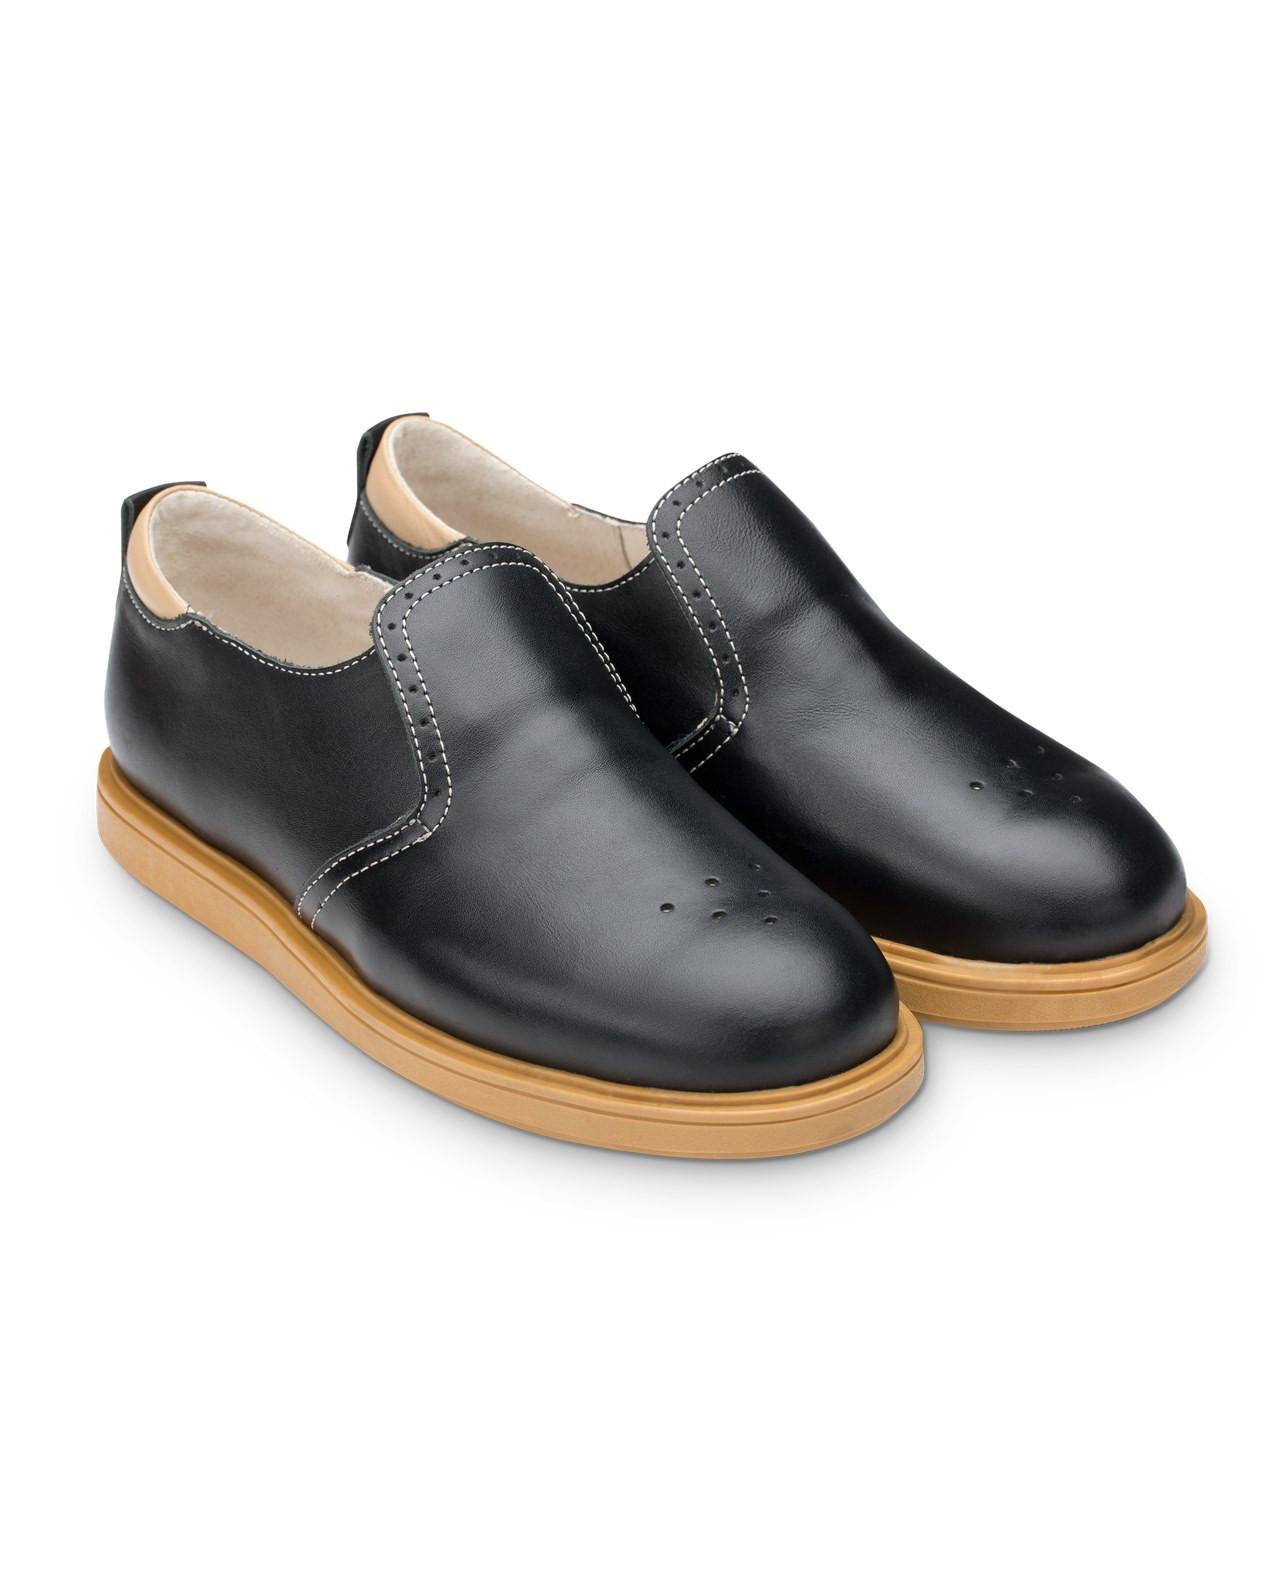 Полуботинки Детские, Tapiboo Степ (44472, 31 )Обувь для школы<br>Классические полуботинки для ежедневной <br>профилактики плоскостопия. Многослойная, <br>анатомическая стелька со сводоподдерживающим <br>элементом для правильного формирования <br>стопы. Благодаря использованию современных <br>внутренних материалов позволяет оптимально <br>распределить нагрузку по всей площади стопы <br>и свести к минимуму ее ударную составляющую. <br>Жесткий фиксирующий задник надежно стабилизирует <br>голеностопный сустав во время ходьбы. Упругая, <br>умеренно-эластичная подошва, имеющая перекат <br>позволяющий повторить естественное движение <br>стопы при ходьбе для правильного распределения <br>нагрузки на опорно-двигательный аппарат <br>ребенка. Подкладка из натуральной кожи <br>обладает мягкостью и природной способностью <br>пропускать воздух для создания оптимального <br>температурного режима (нога не потеет).<br>Размер INT: M; Цвет: Красный; Ширина: 100; Высота: 200; Вес: 1000;